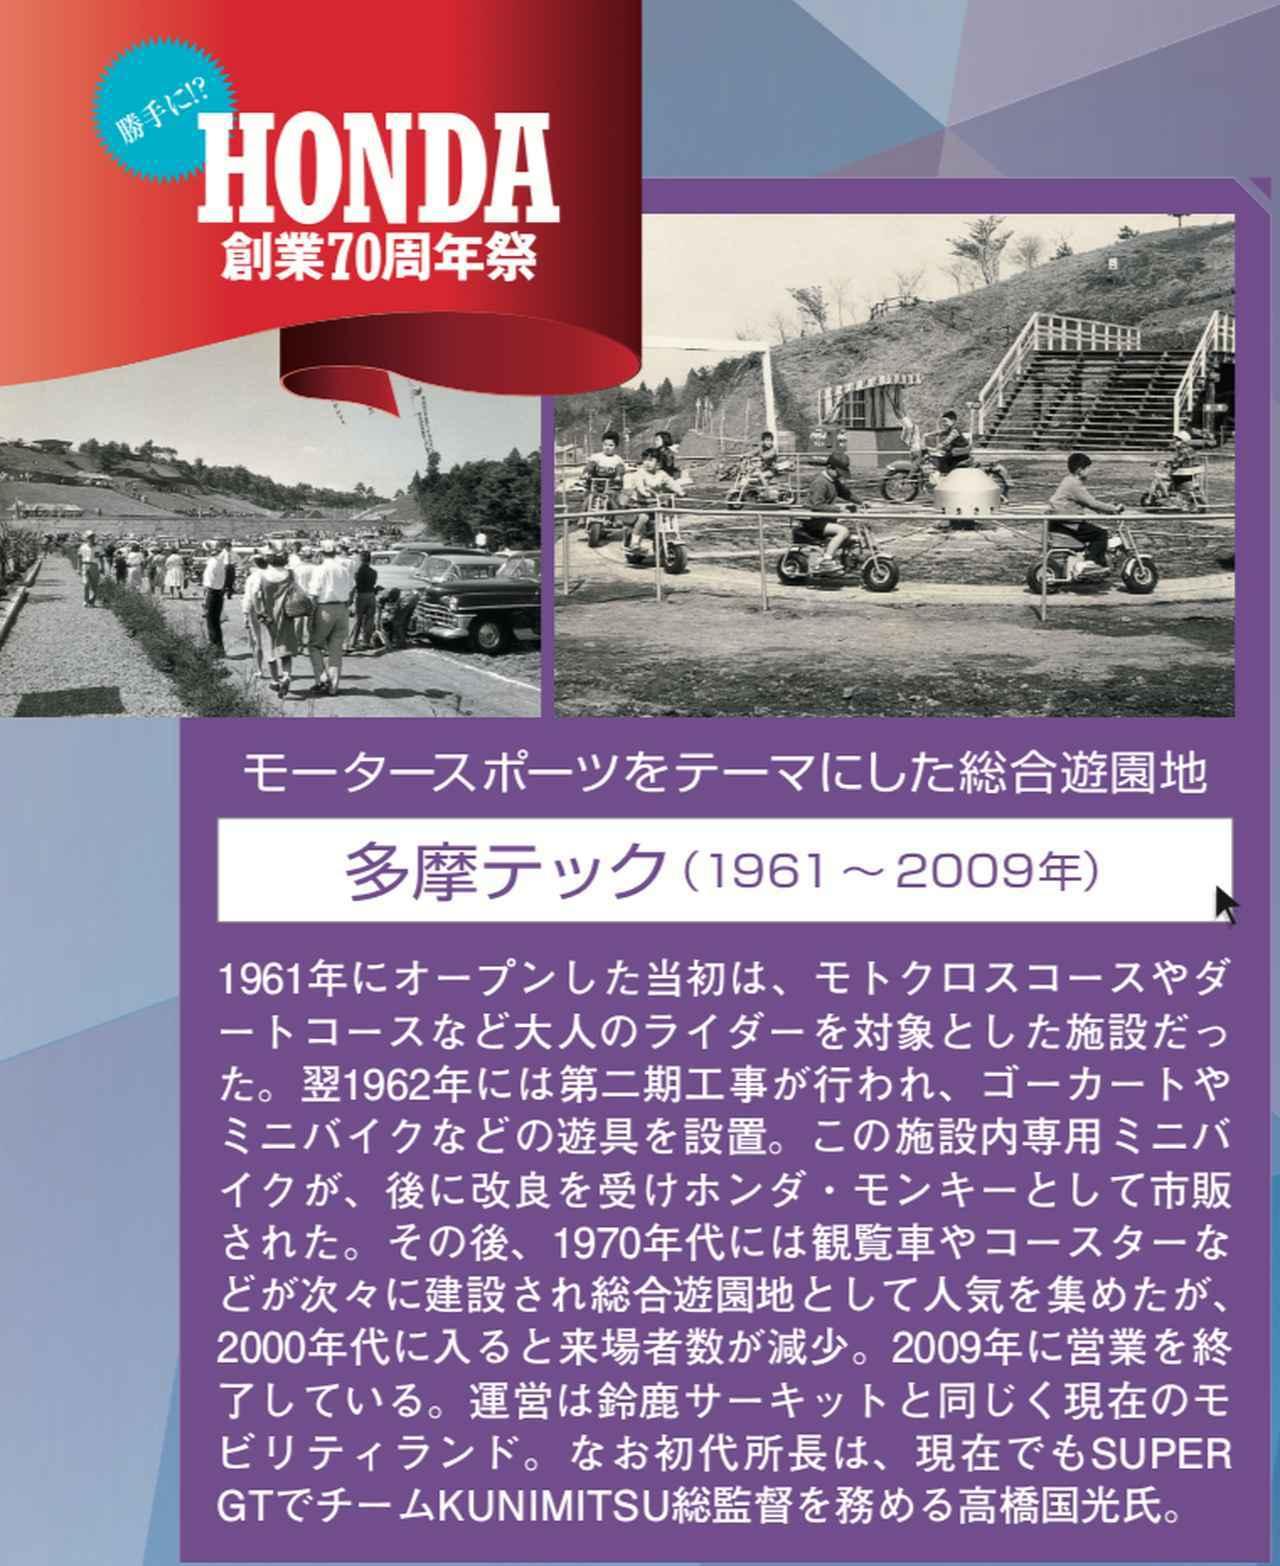 画像3: 世界一贅沢なバイクはHONDAが作った?【HONDAが初めて成し遂げたこと!Vol.5】